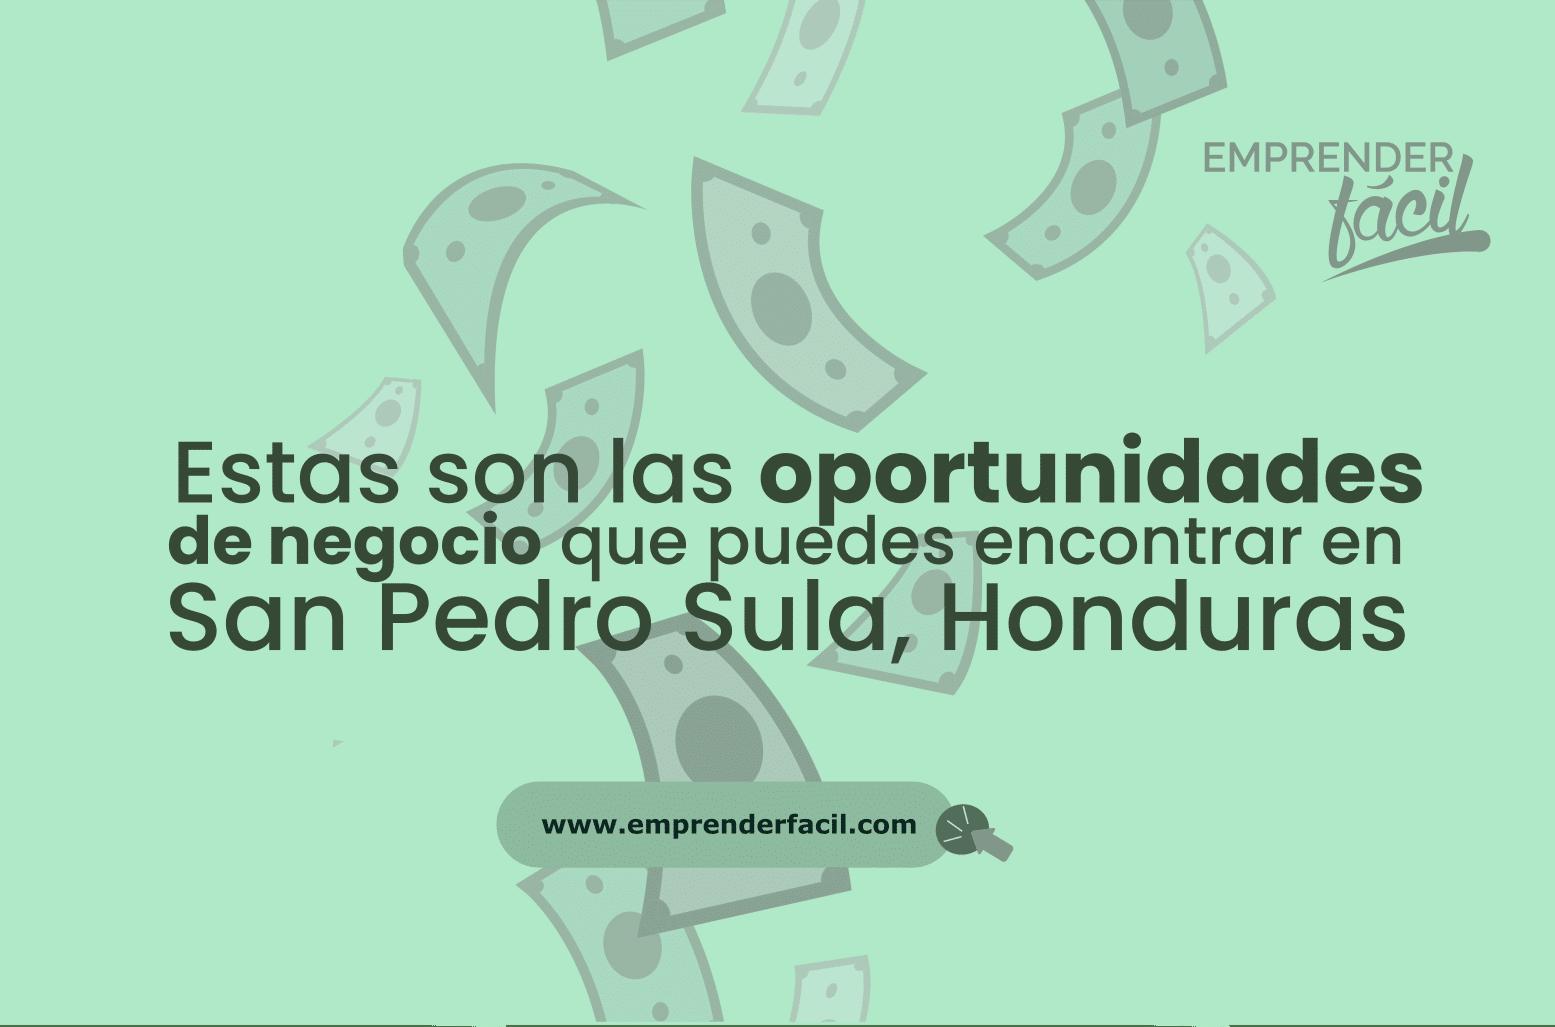 Posibilidades de emprender en San Pedro Sula, Honduras